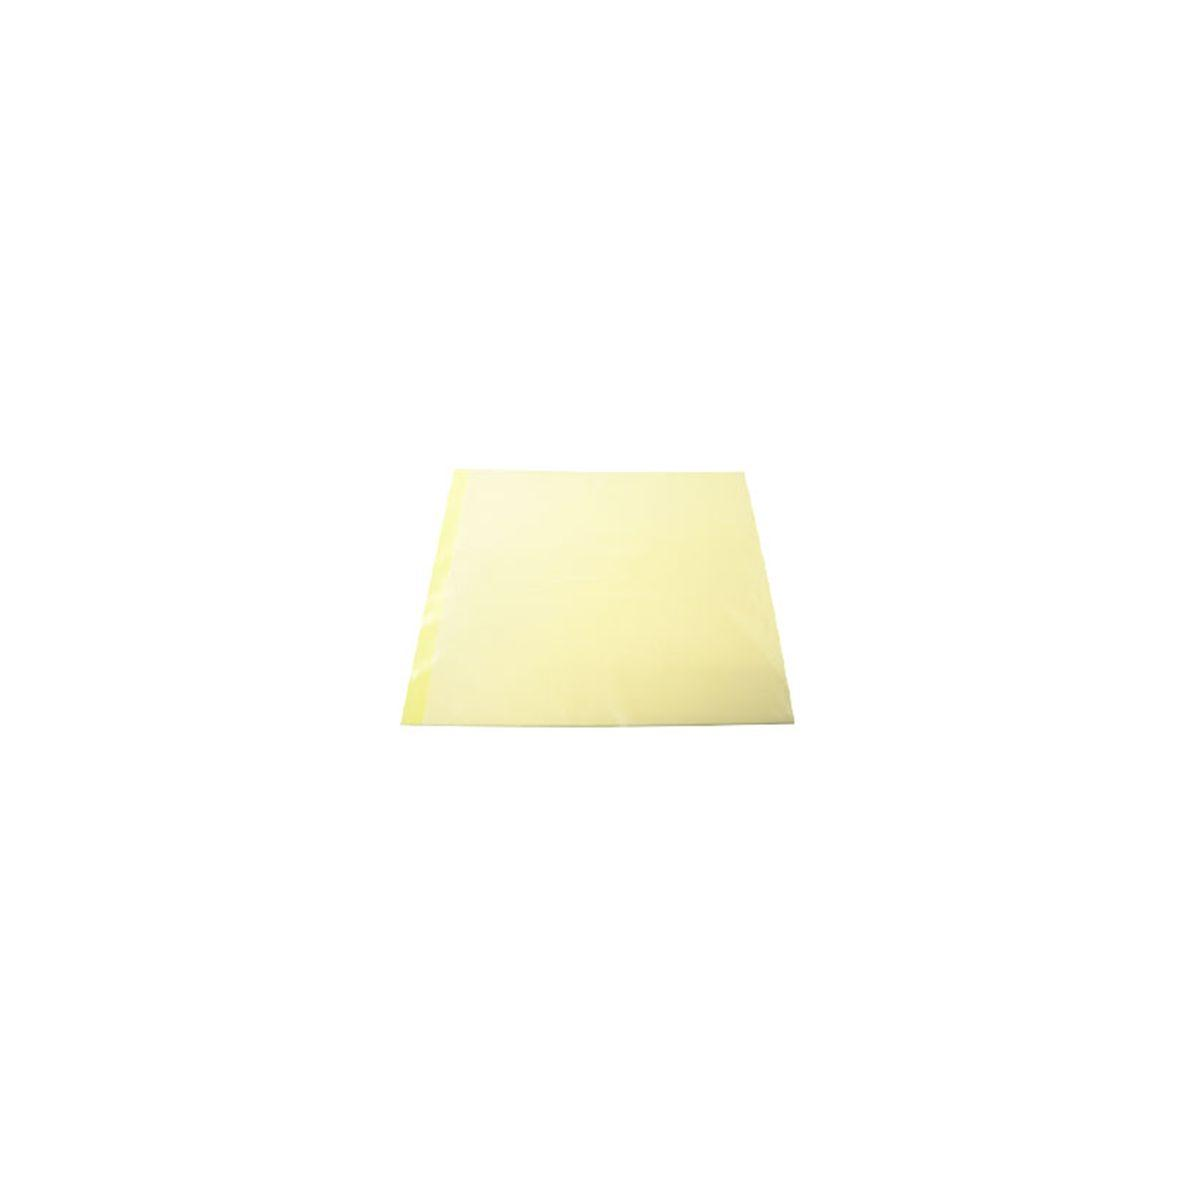 Accessoire imprimante 3d xyz printing lot plaques de scotch (15x15) x10 - 2% de remise imm�diate avec le code : school2 (photo)